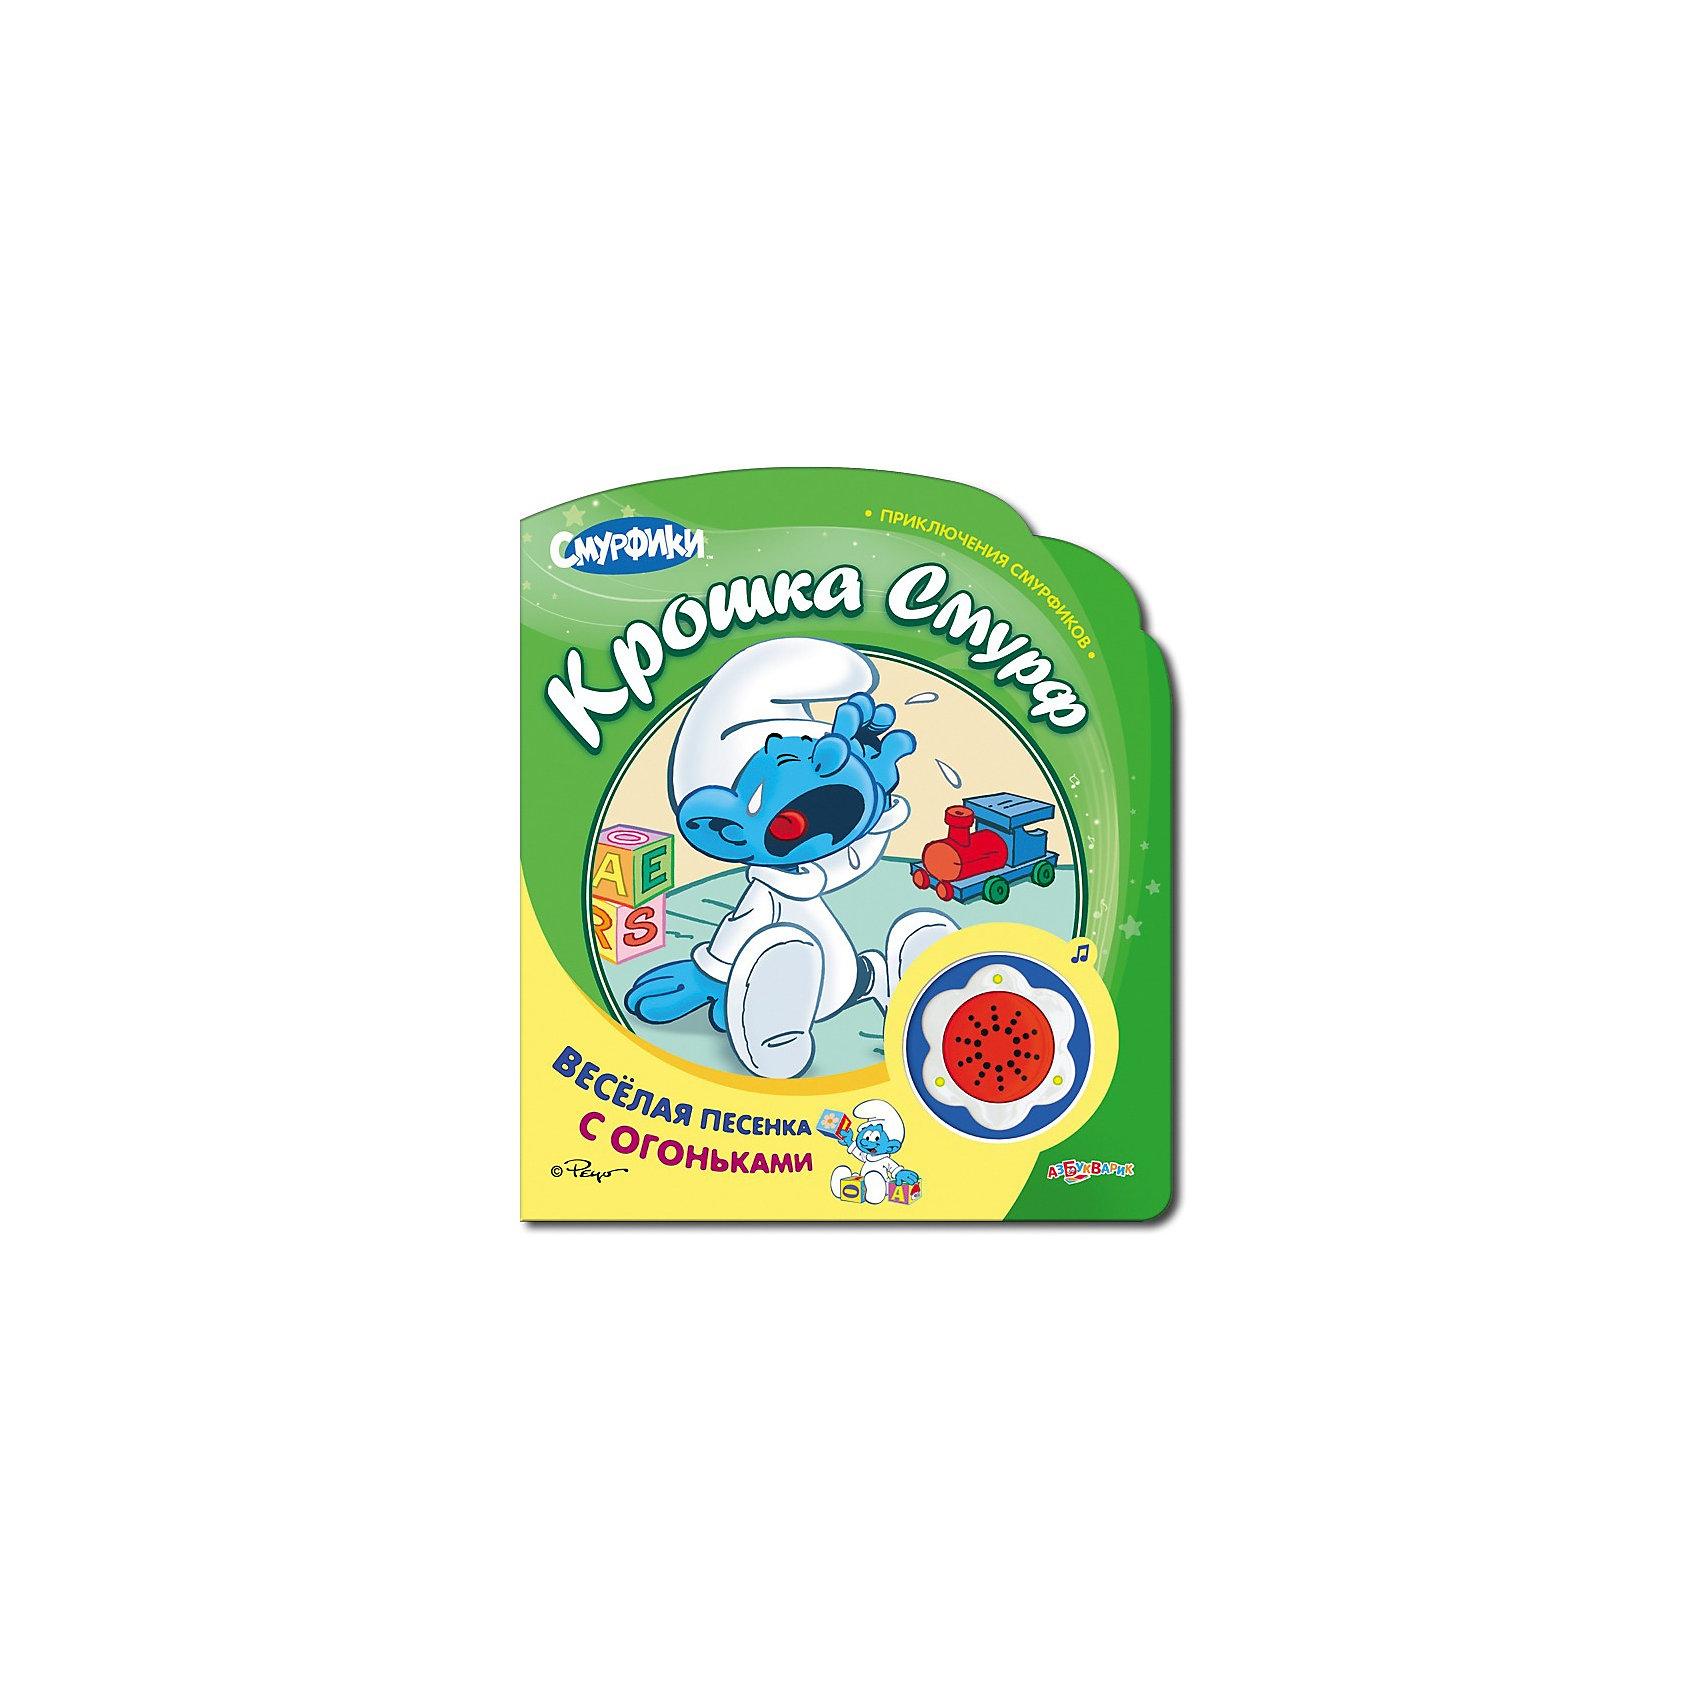 Крошка Смурф, серия Приключения Смурфиков, АзбукварикМузыкальные книги<br>Крошка Смурф, серия Приключения Смурфиков, Азбукварик – с этой красочной книгой Ваш малыш весело проведет время вместе с любимыми героями.<br>Забавных смурфиков обожают дети всего мира! В этой книжке малыш сможет прочитать историю о Крошке Смурфе. Стоит малышу нажать на кнопочку, он услышит веселую песенку и увидит, как мигают огоньки в такт мелодии!<br><br>Дополнительная информация:<br><br>- Издательство: Азбукварик<br>- Серия: Приключения Смурфиков<br>- Тип обложки: картонная обложка, картонные страницы<br>- Оформление: вырубка, со звуковым модулем<br>- Количество страниц: 10<br>- Иллюстрации: цветные<br>- Батарейки: AG03 (в комплект входят демонстрационные)<br>- Размер: 166х192 мм.<br>- Вес: 0.225 кг.<br><br>Книжку «Крошка Смурф», серия Приключения Смурфиков, Азбукварик можно купить в нашем интернет-магазине.<br><br>Ширина мм: 170<br>Глубина мм: 10<br>Высота мм: 190<br>Вес г: 225<br>Возраст от месяцев: 24<br>Возраст до месяцев: 48<br>Пол: Унисекс<br>Возраст: Детский<br>SKU: 3734161